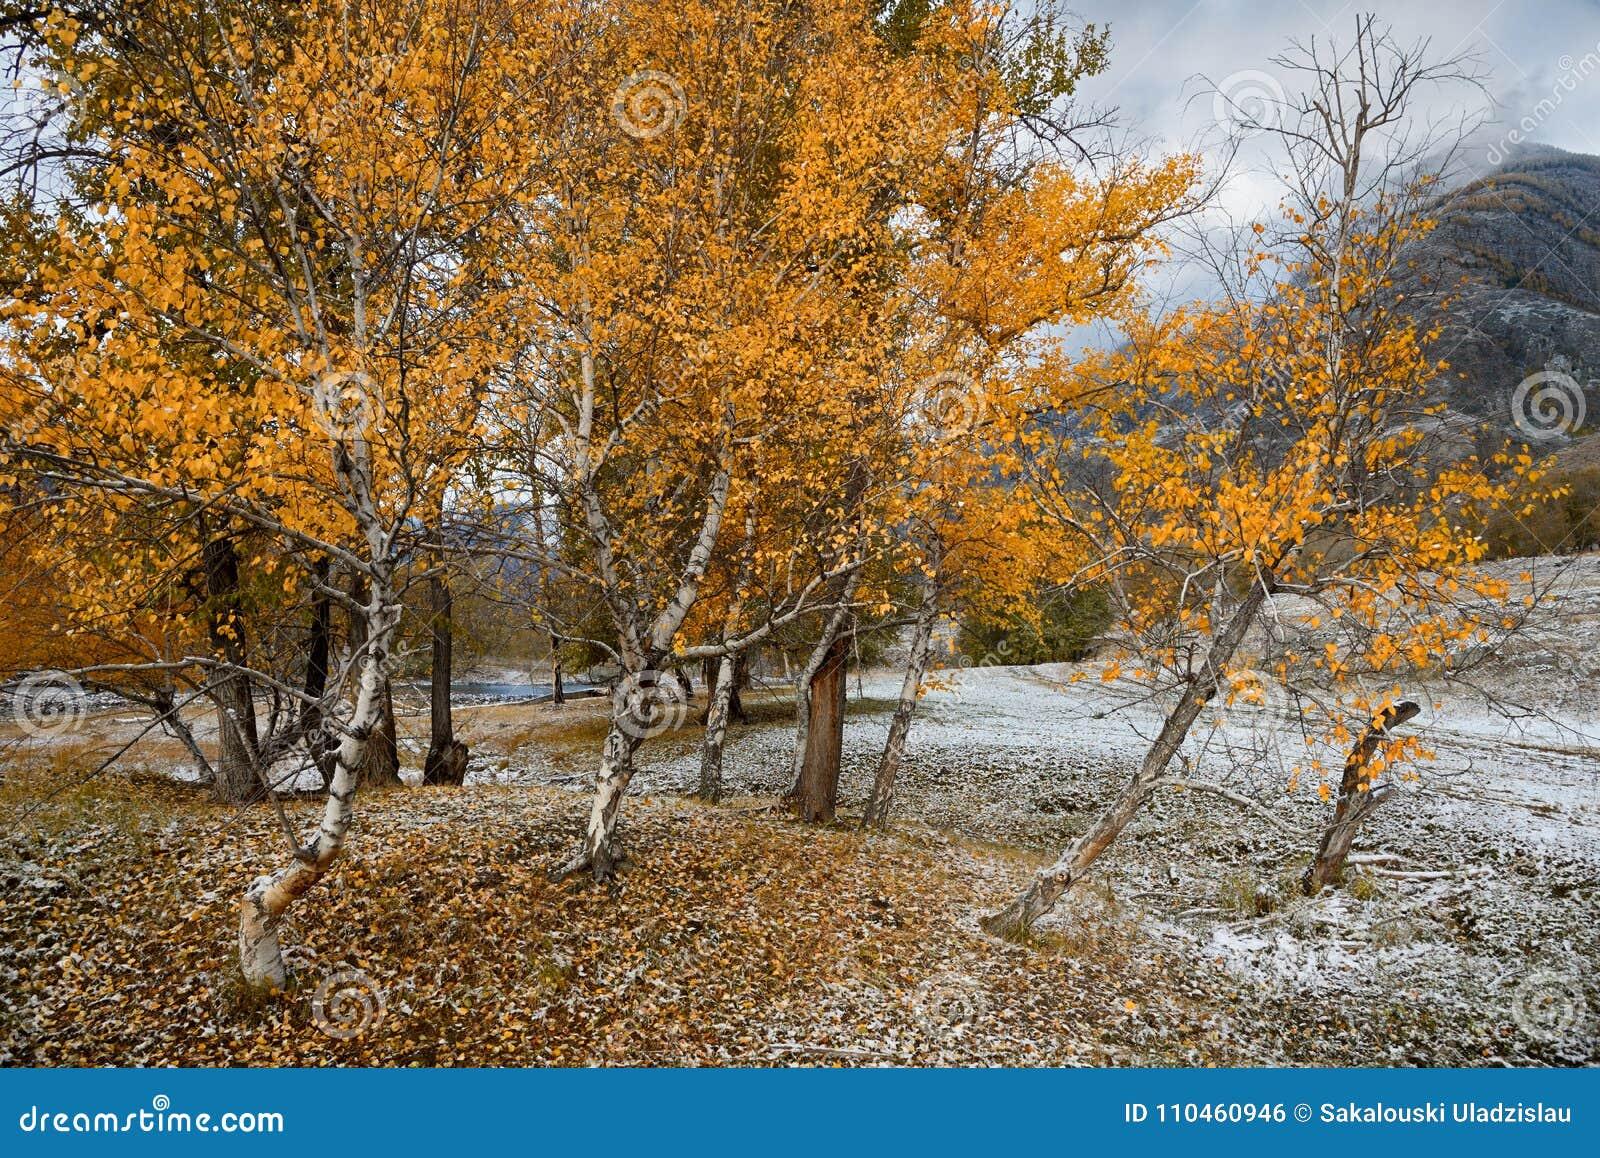 Autumn Landscape With per gruppen av björkar med ljus gul lövverk och nytt stupad snö Berg Autumn Landscape With First S